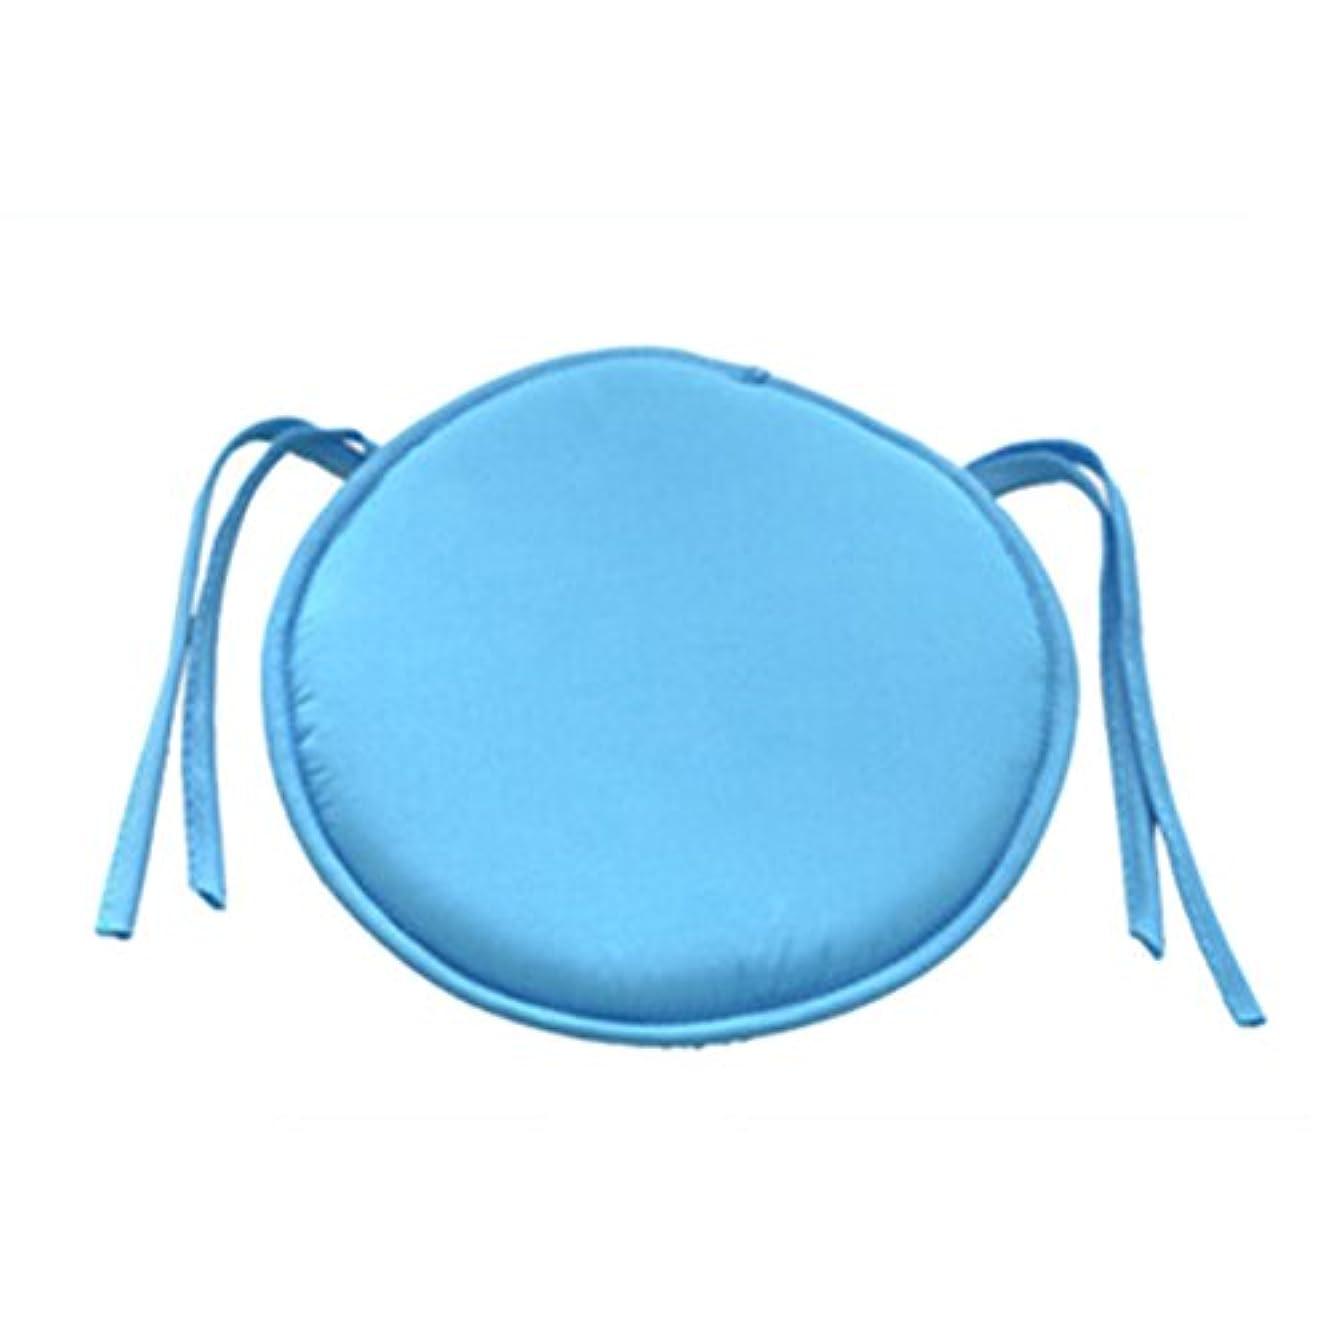 コンクリートしなやかな差し控えるLIFE ホット販売ラウンドチェアクッション屋内ポップパティオオフィスチェアシートパッドネクタイスクエアガーデンキッチンダイニングクッション クッション 椅子